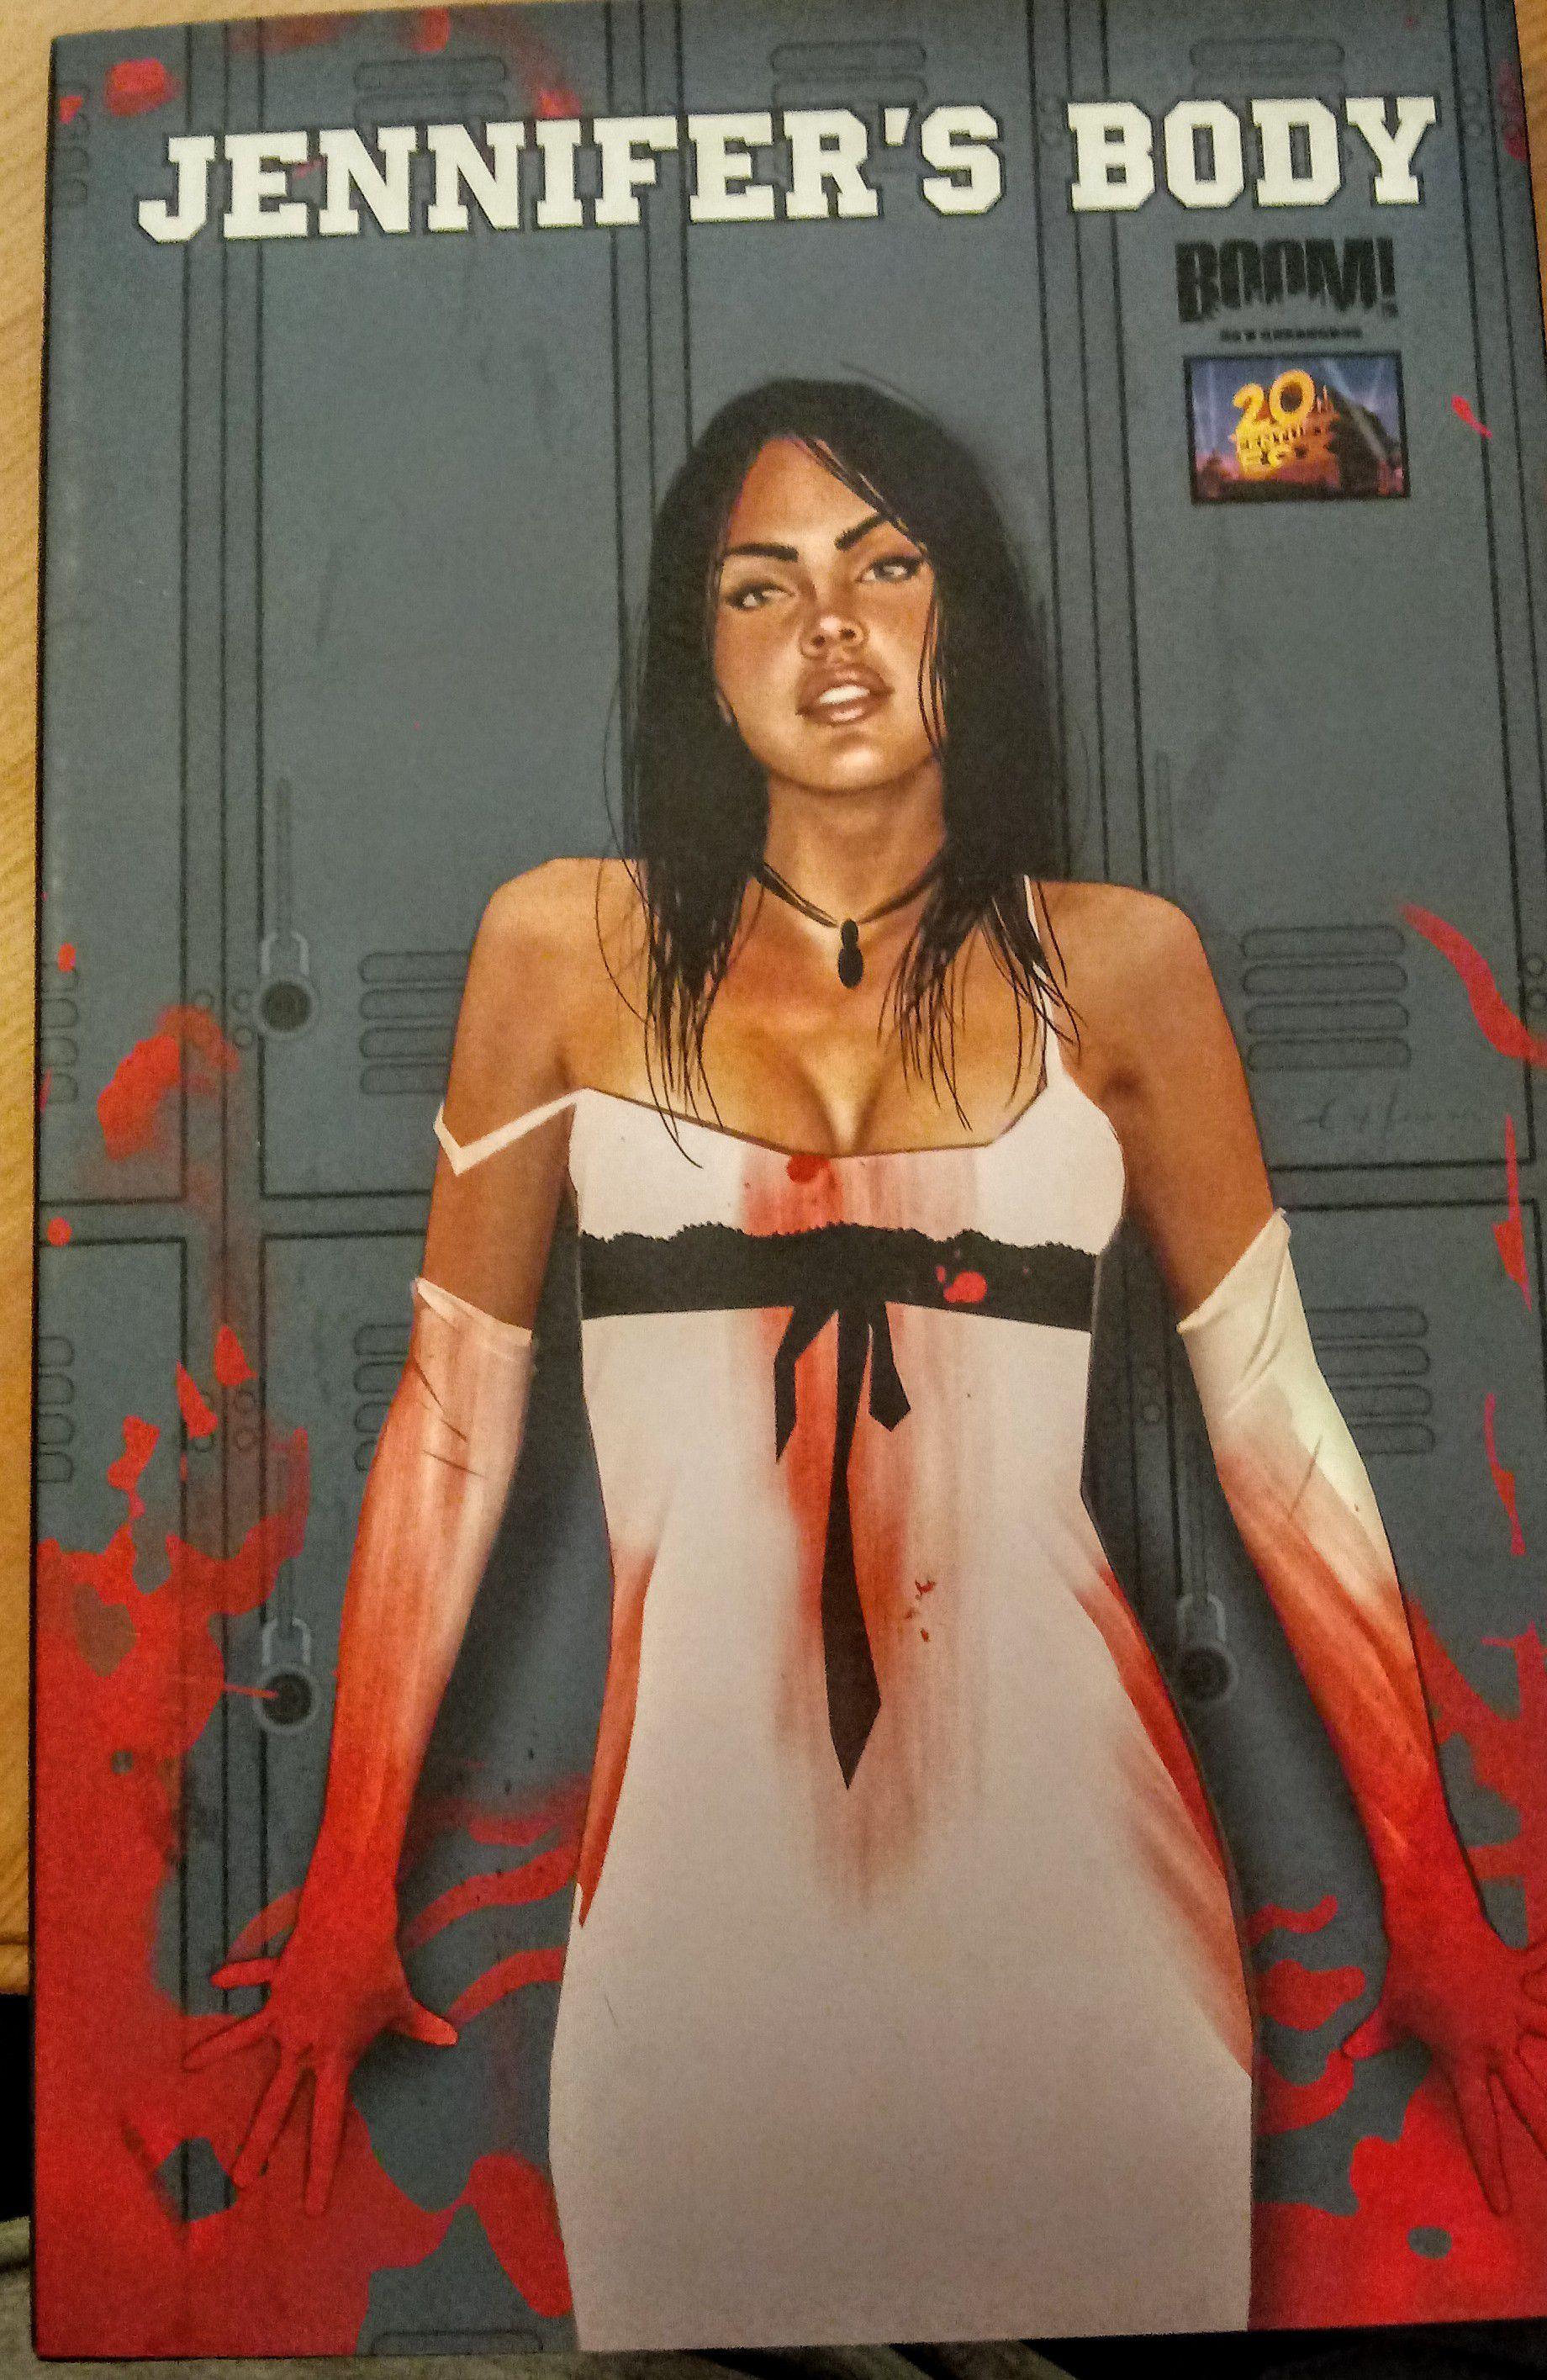 Jennifer's Body- Hardcover Boom Studios 2009